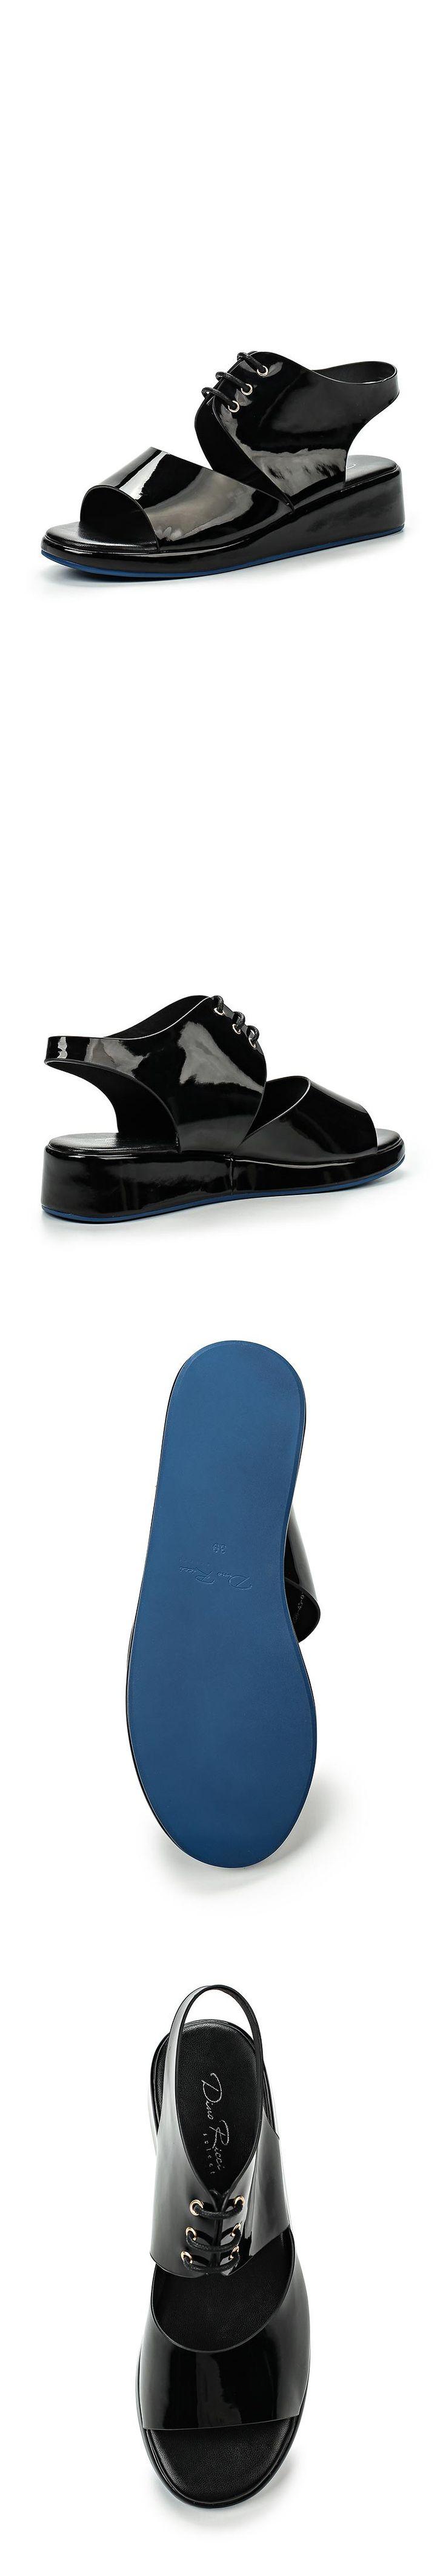 Женская обувь босоножки Dino Ricci Select за 4120.00 руб.